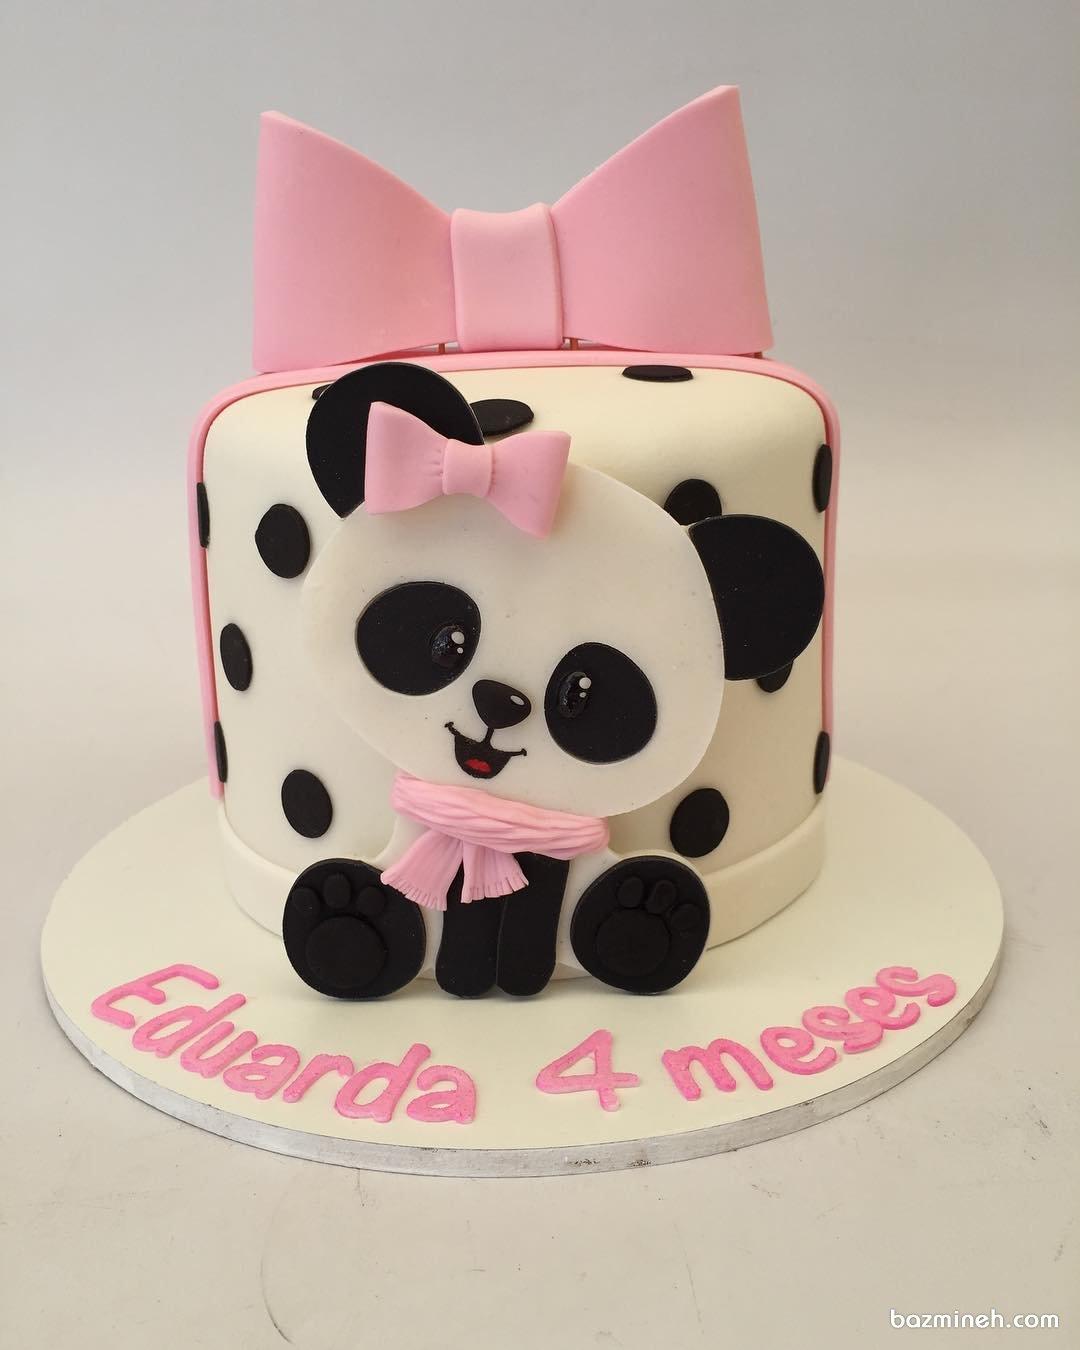 مینی کیک جشن تولد دخترونه با تم پاندا